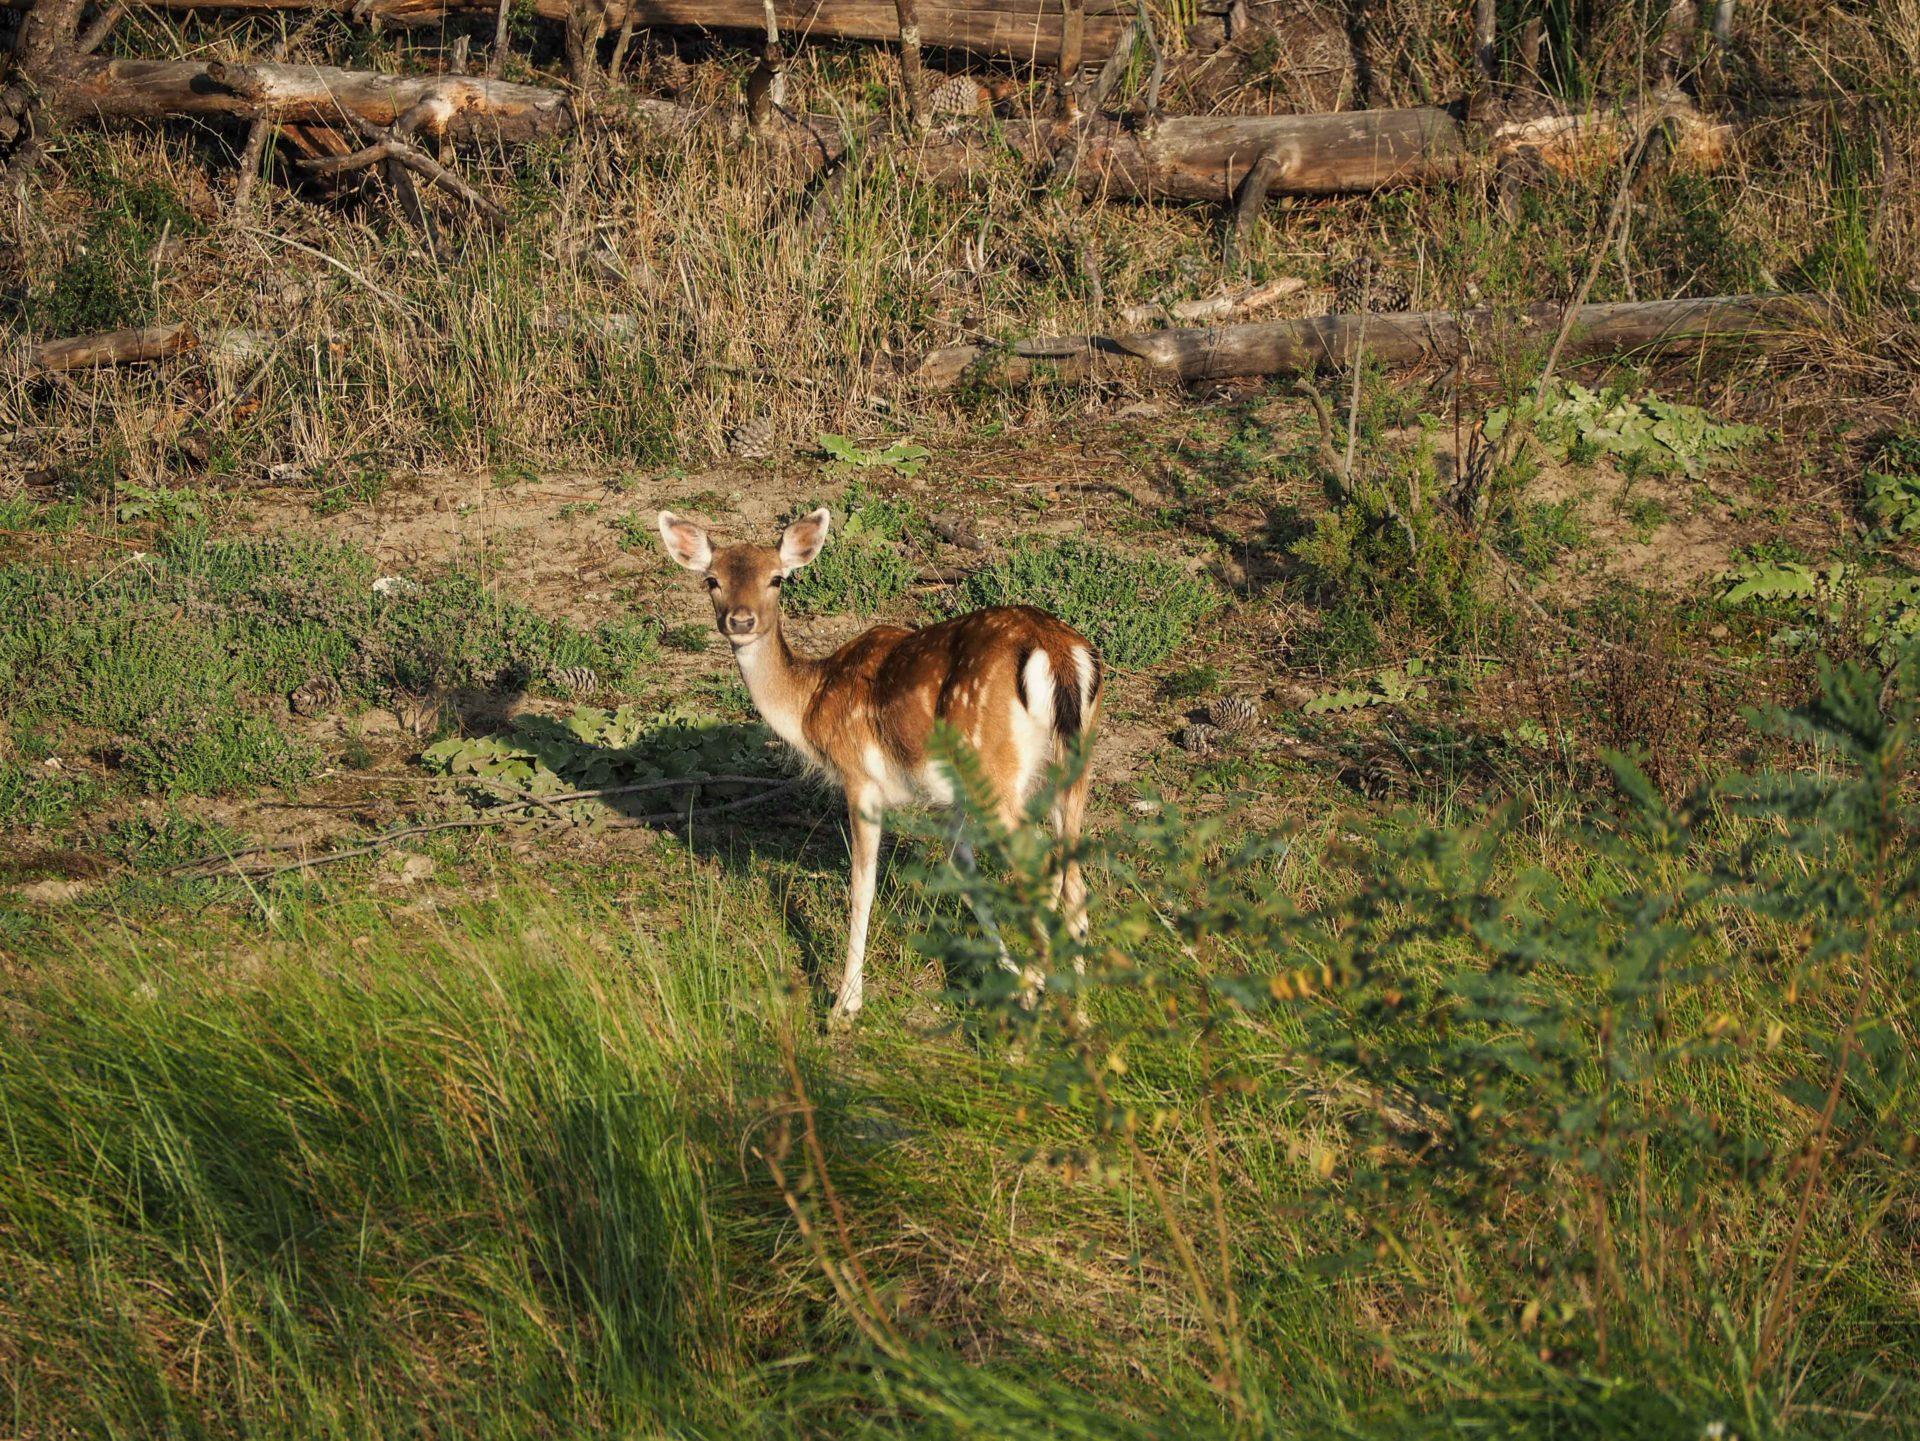 A la découverte du Delta du Pô - Un voyage nature en Emilie-Romagne, au coeur du Delta du Pô sur la côte Adriatique et du Parc national de la Forêt Casentinesi, Mont Falterona et Campigna dans les Apennins en Italie